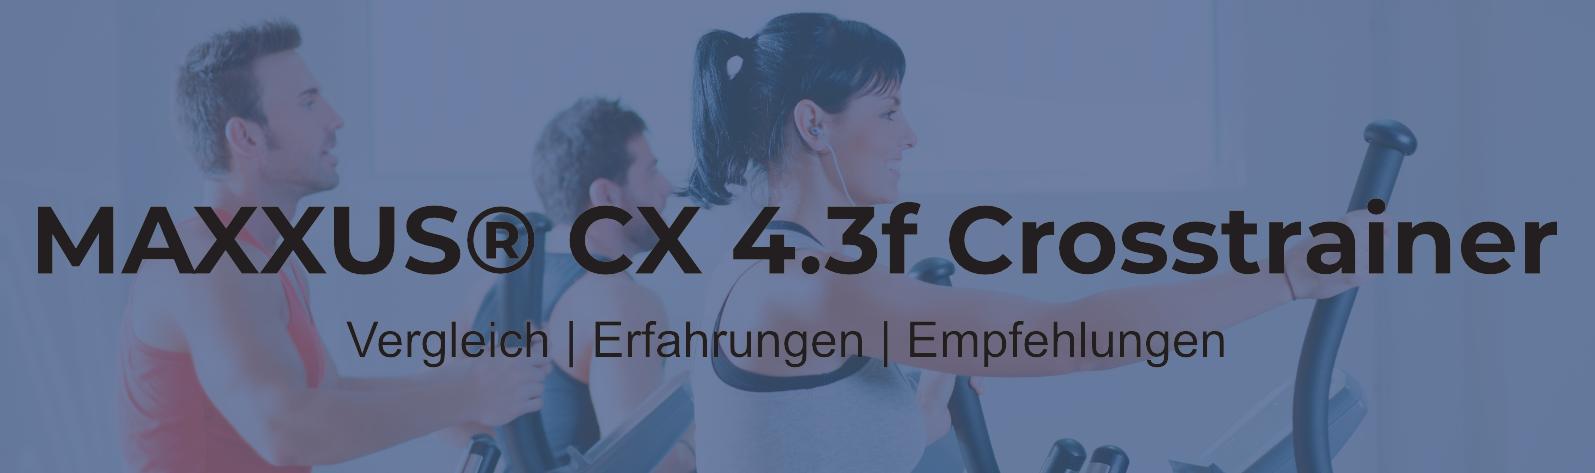 MAXXUS CX 4.3f CROSSTRAINER – klappbar (Ellipsentrainer)